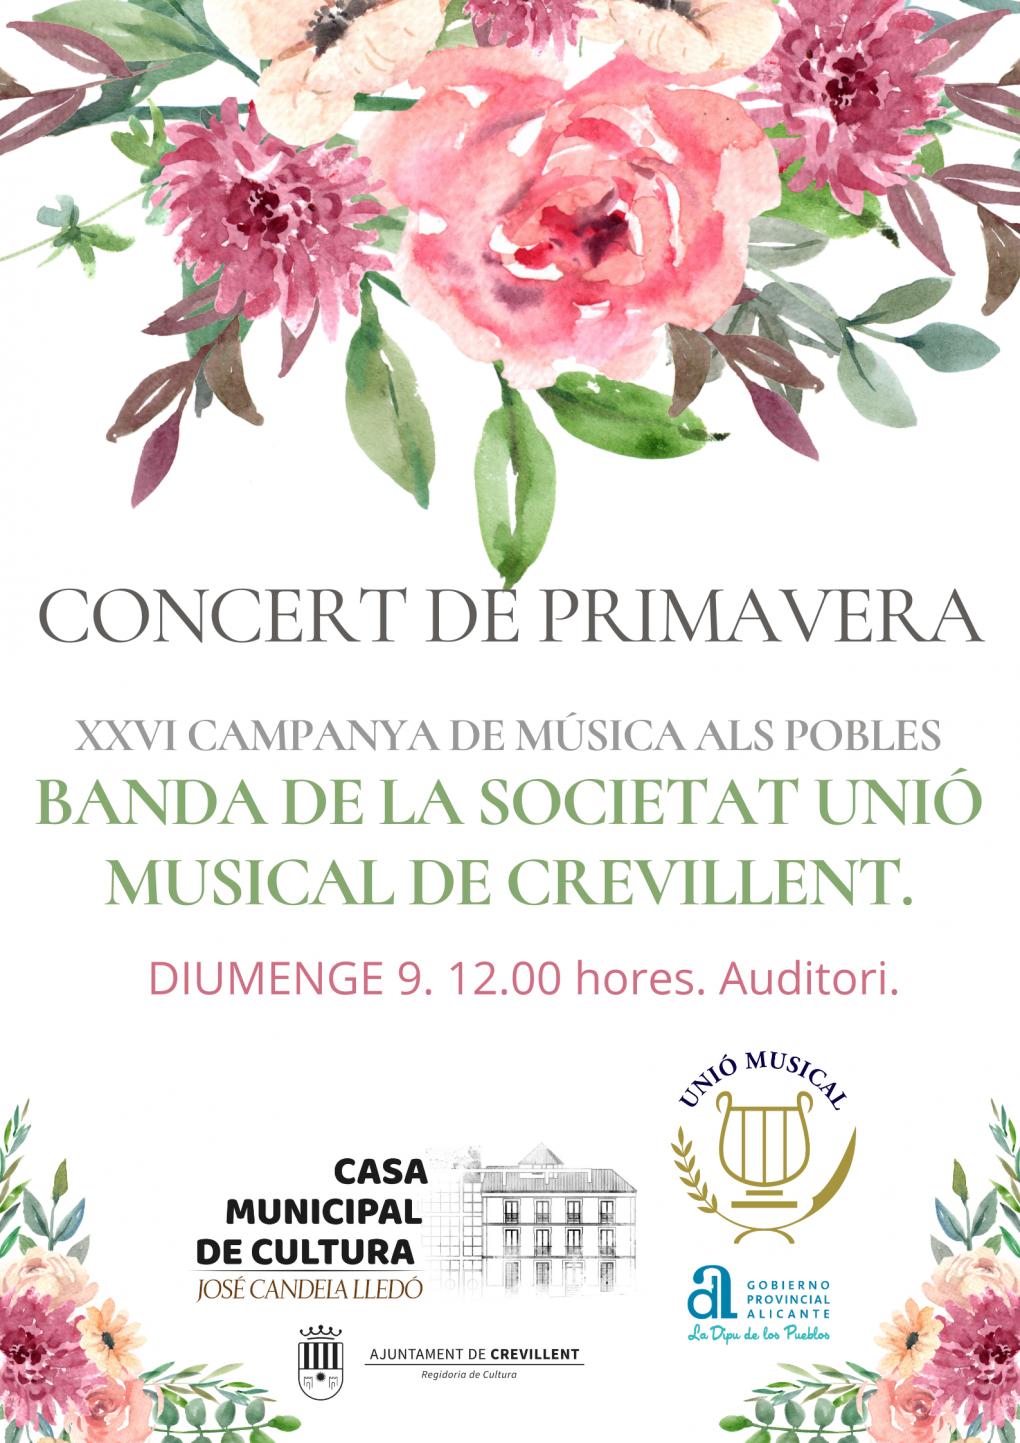 CONCERT DE PRIMAVERA, A CÀRREC DE LA BANDA DE LA SOCIETAT UNIÓ MUSICAL DE CREVILLENT.